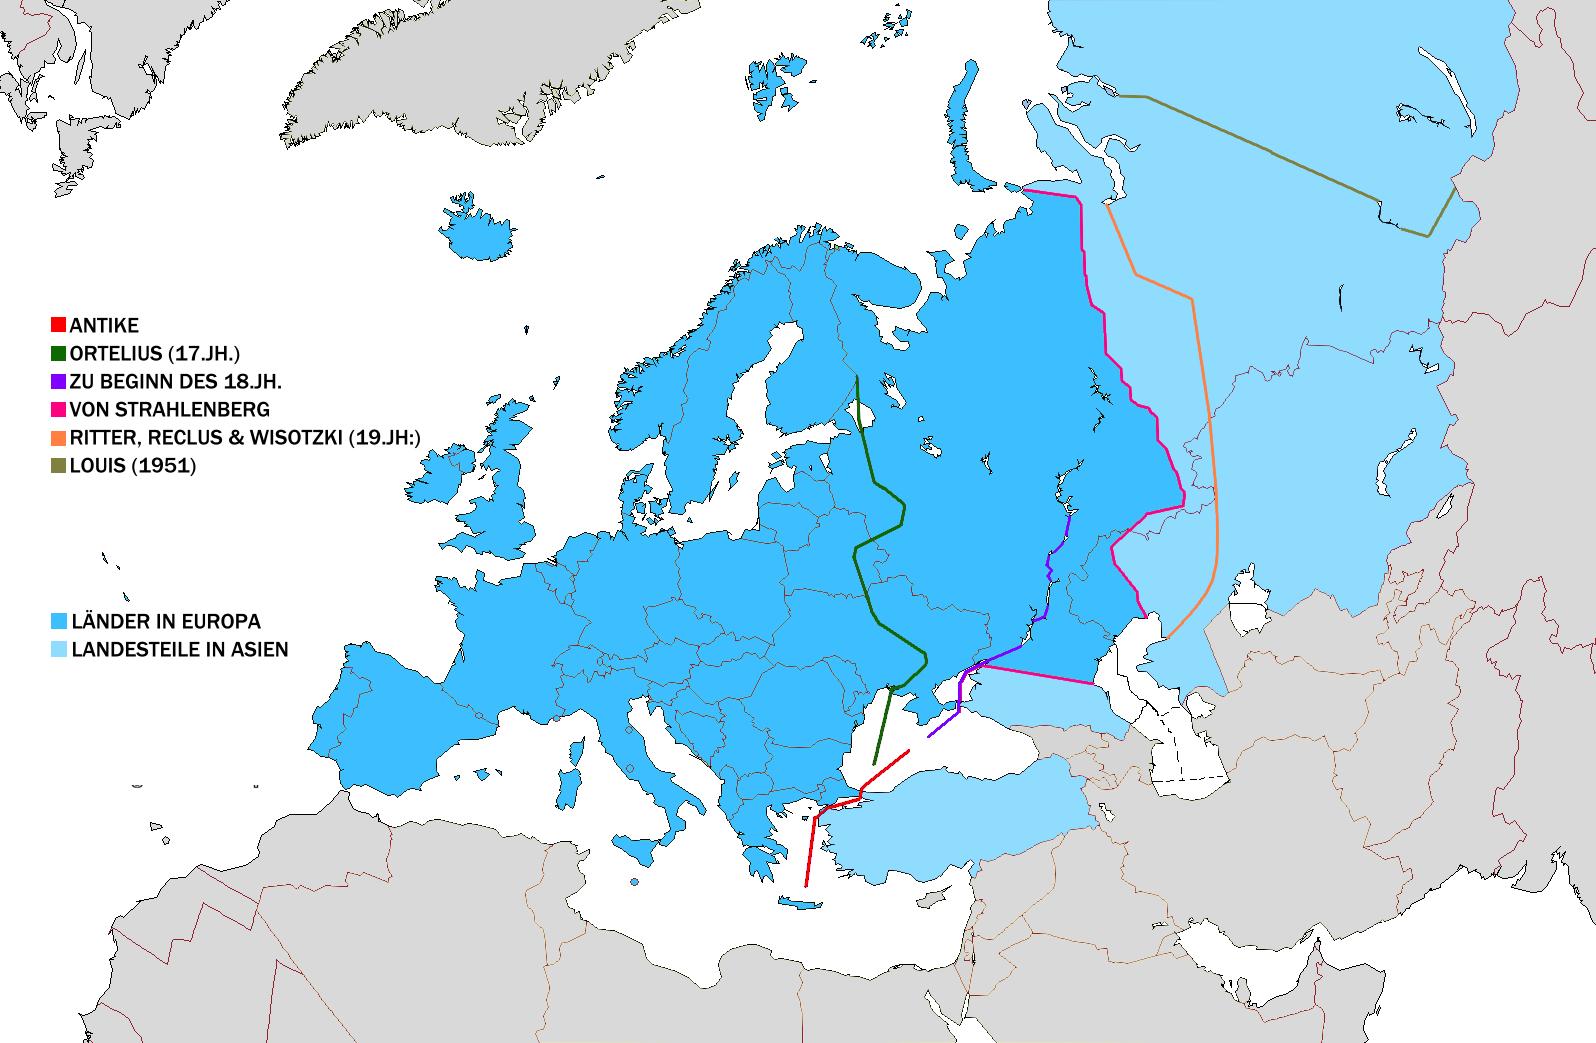 Grenze Europa - Asien! (Schule, Karten, Allgemeinwissen)